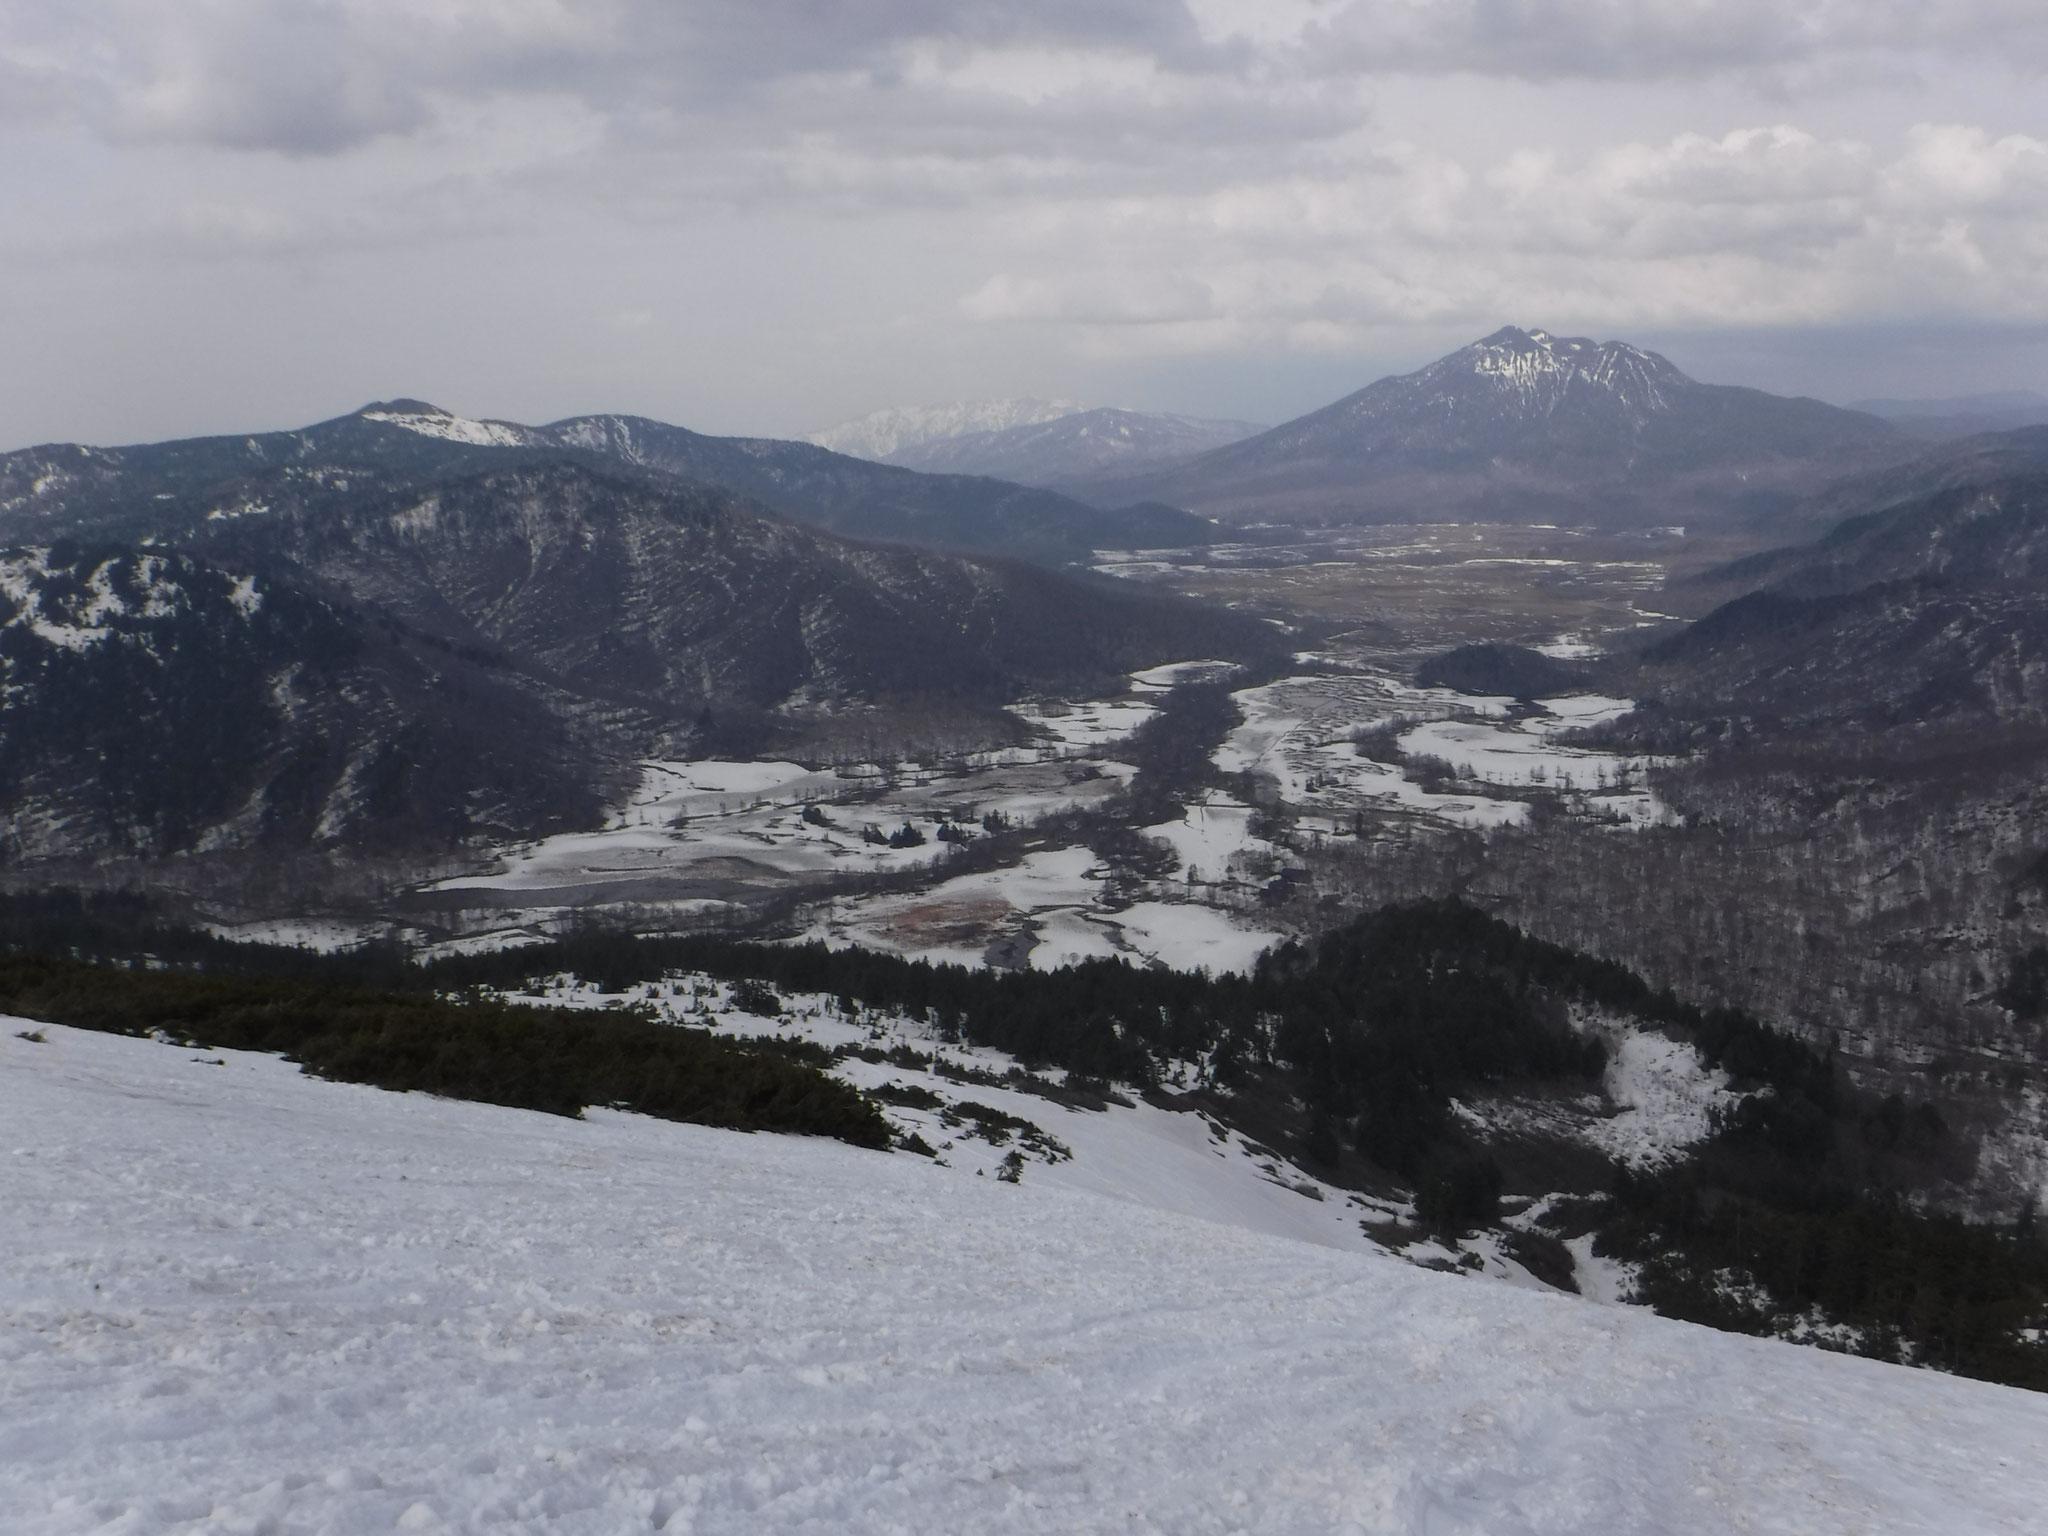 14:50 尾瀬ヶ原、牛首から先の雪が少ない